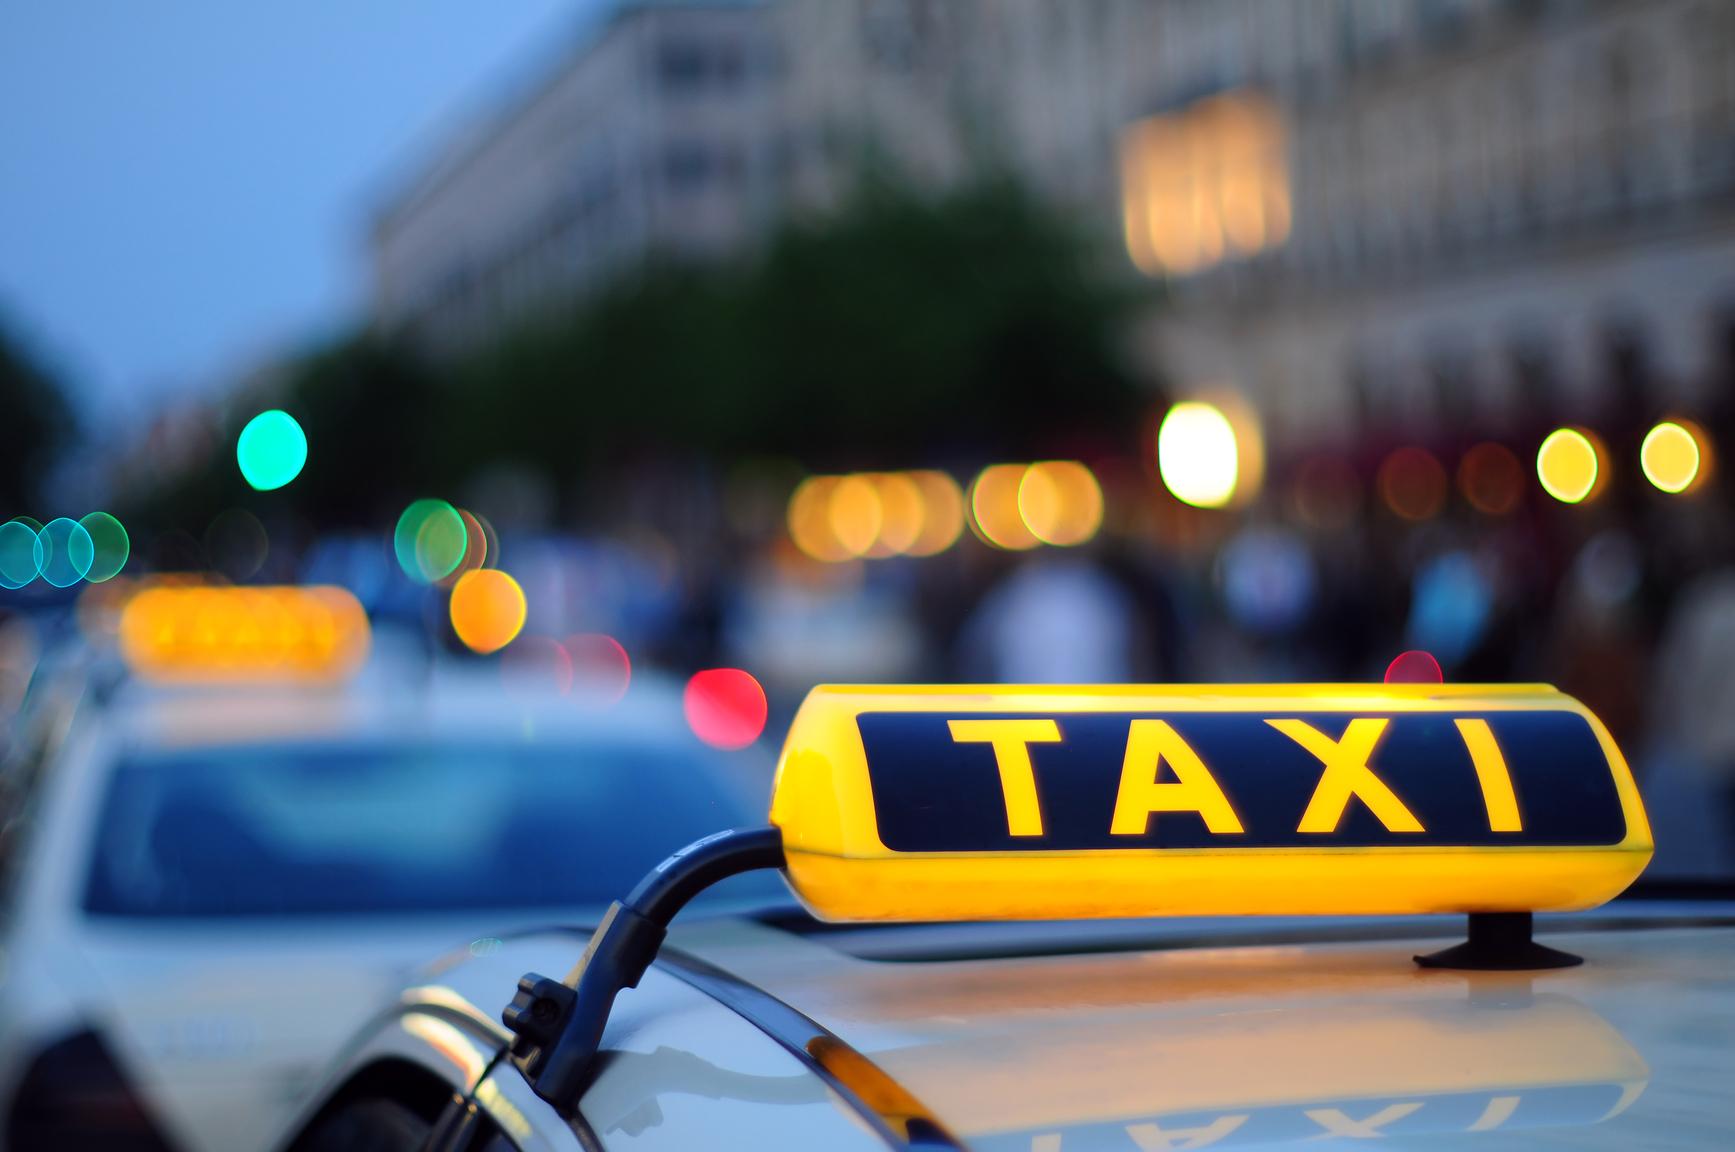 Права пассажиров такси в Молдове разъяснила специалист (ВИДЕО)